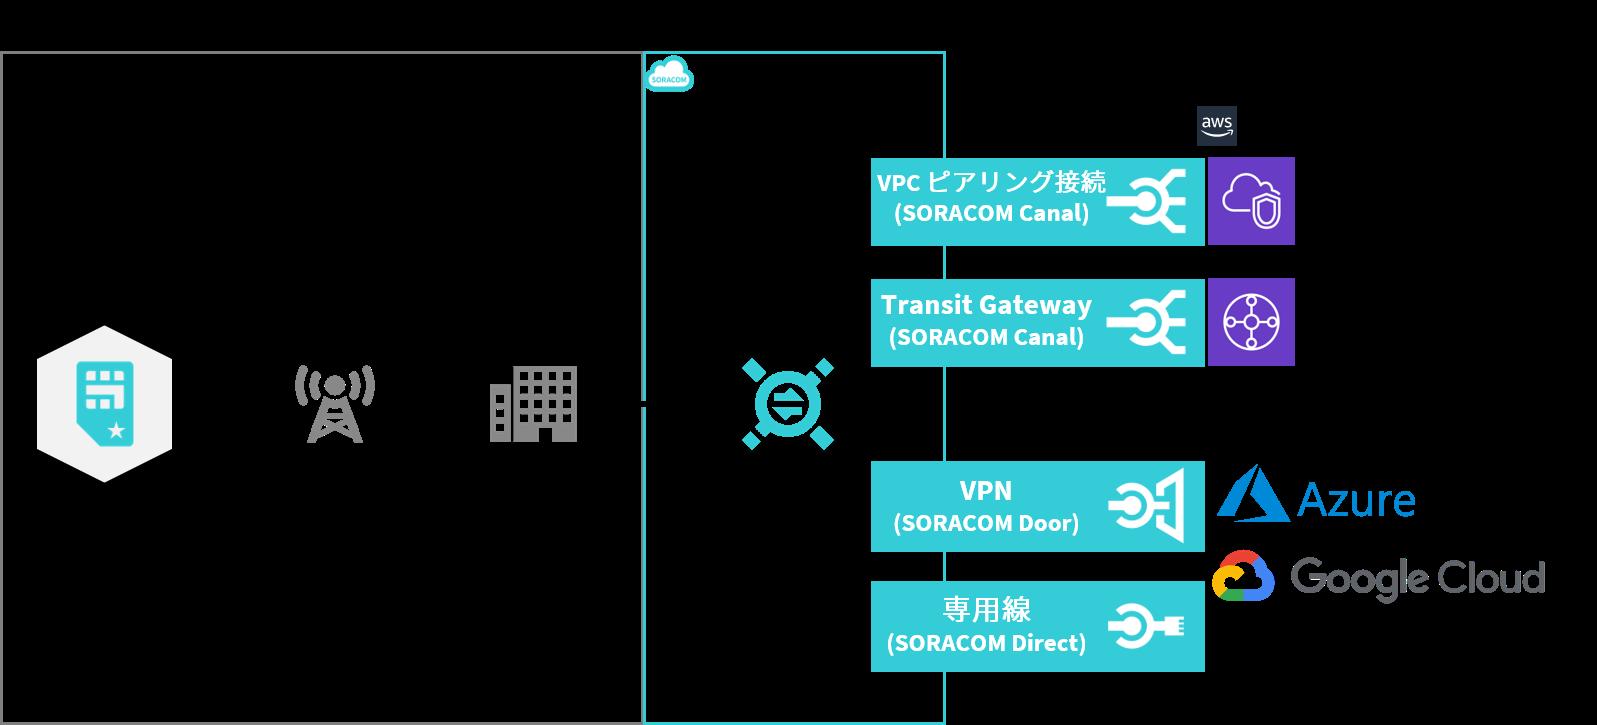 お客様環境とのネットワーク構築